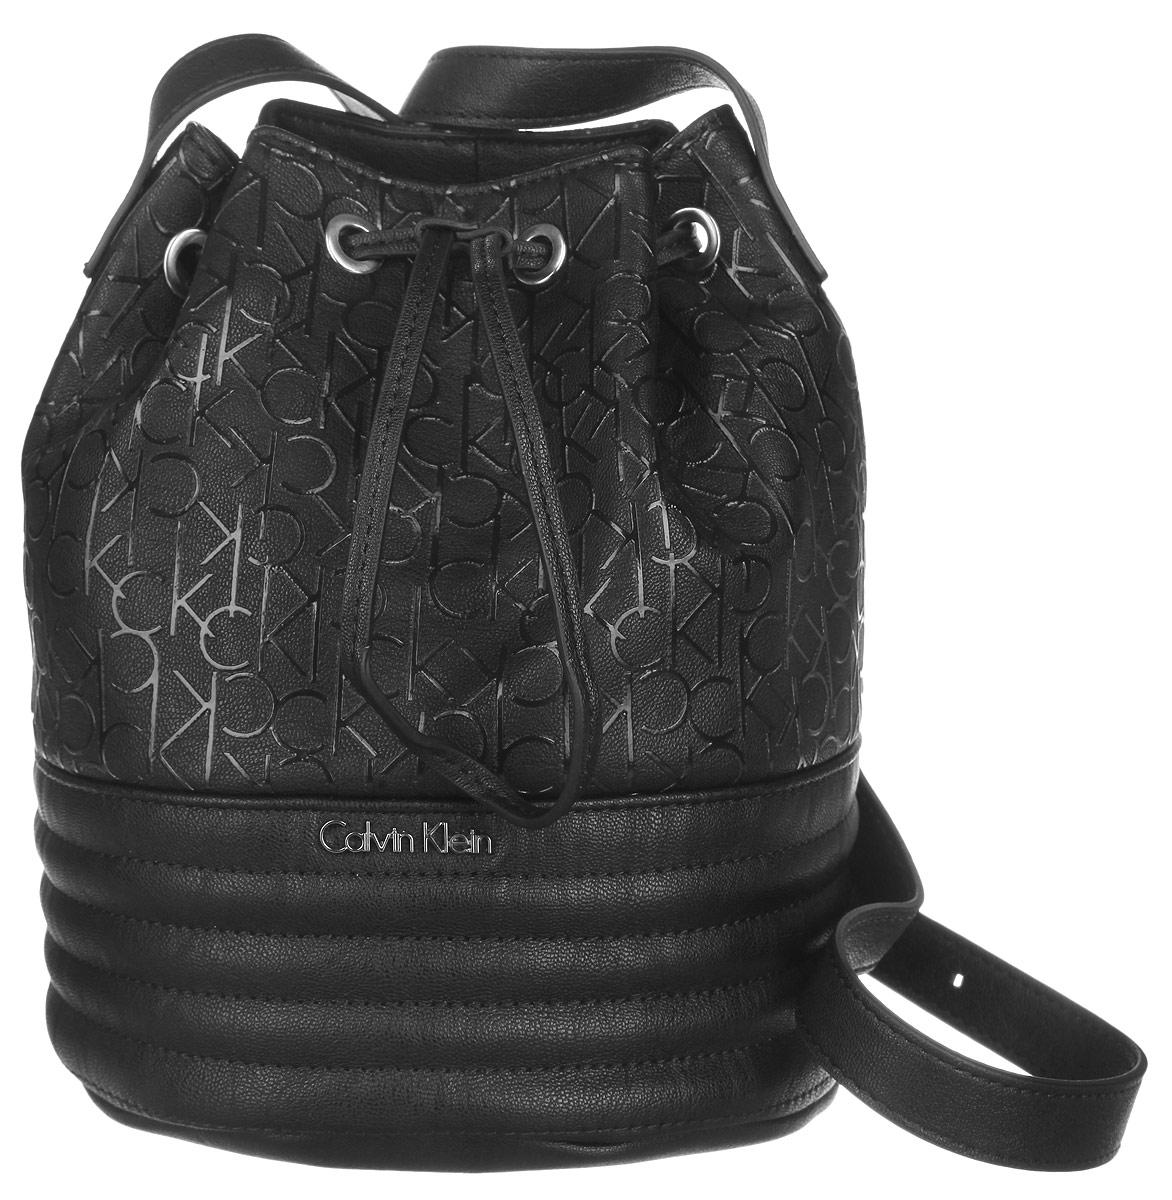 Сумка женская Calvin Klein Jeans, цвет: черный. K60K601189_0010K60K601189_0010Стильная женская сумка Calvin Klein Jeans выполнена из полиуретана. Изделие имеет одно основное отделение, закрывающееся на затягивающийся шнурок. Внутри расположен прорезной карман на застежке-молнии. Модель оснащена плечевым регулируемым ремнем. Модный аксессуар позволит вам завершить свой образ и быть неотразимой.